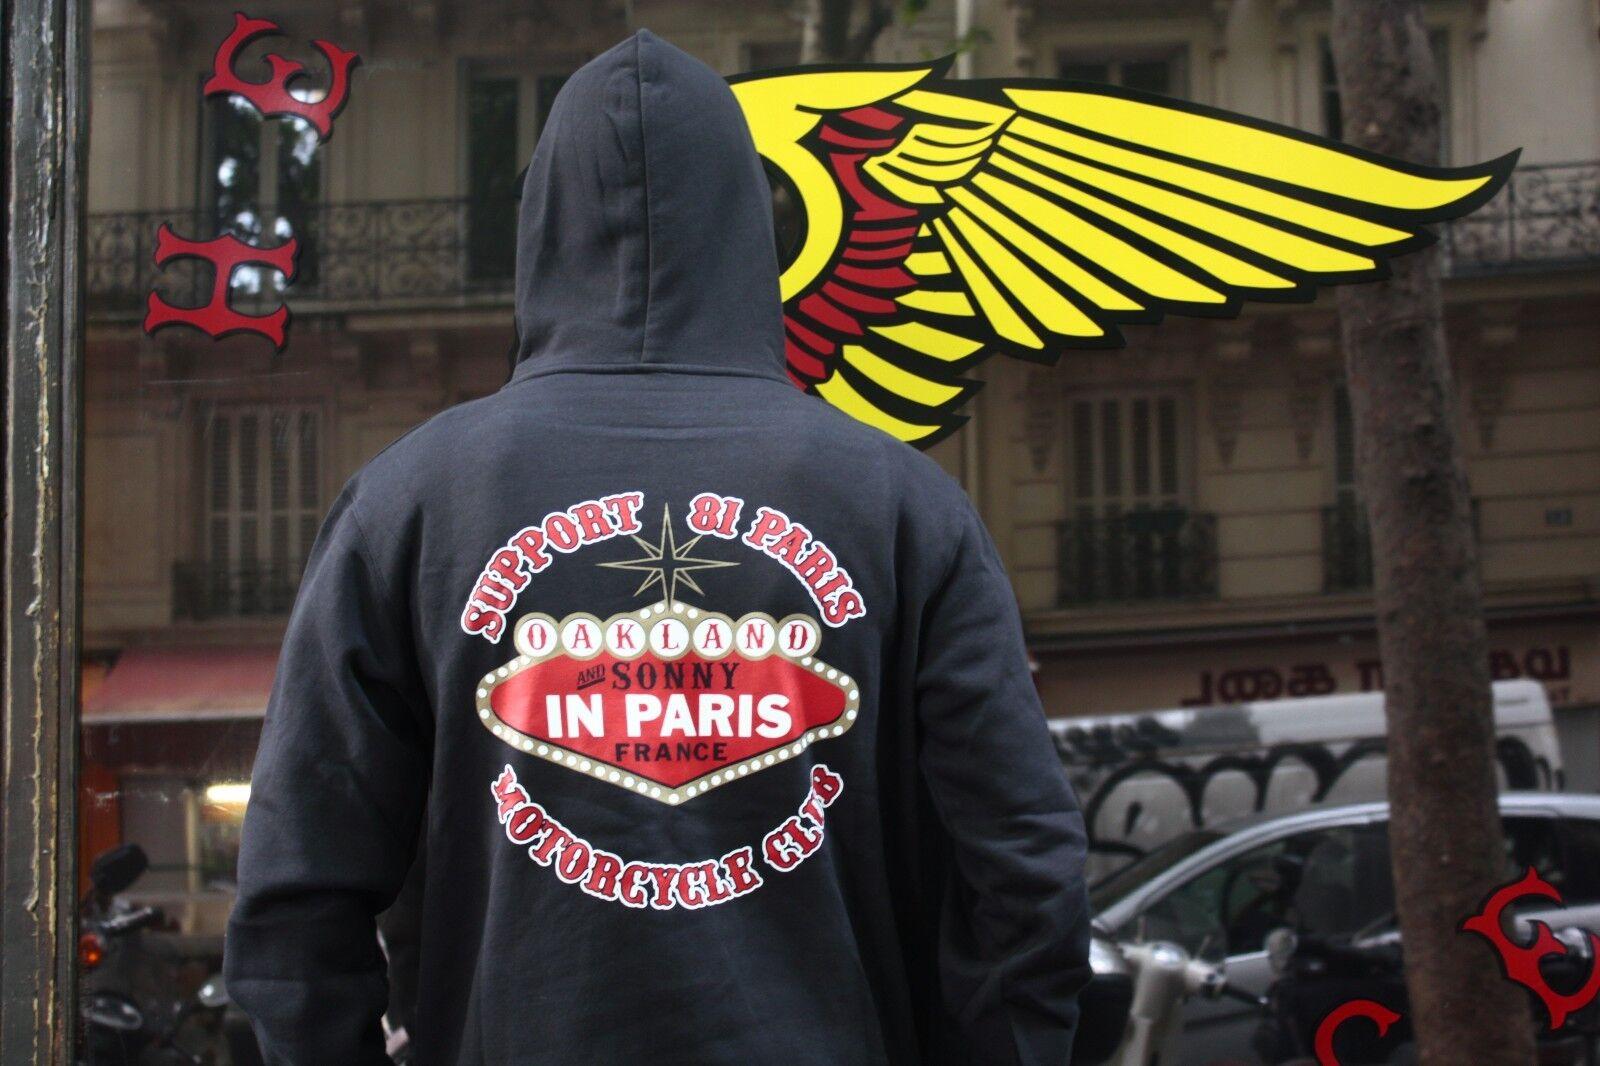 PROMO HIVER Sweat SUPPORT 81 PARIS Sonny Vegas Model